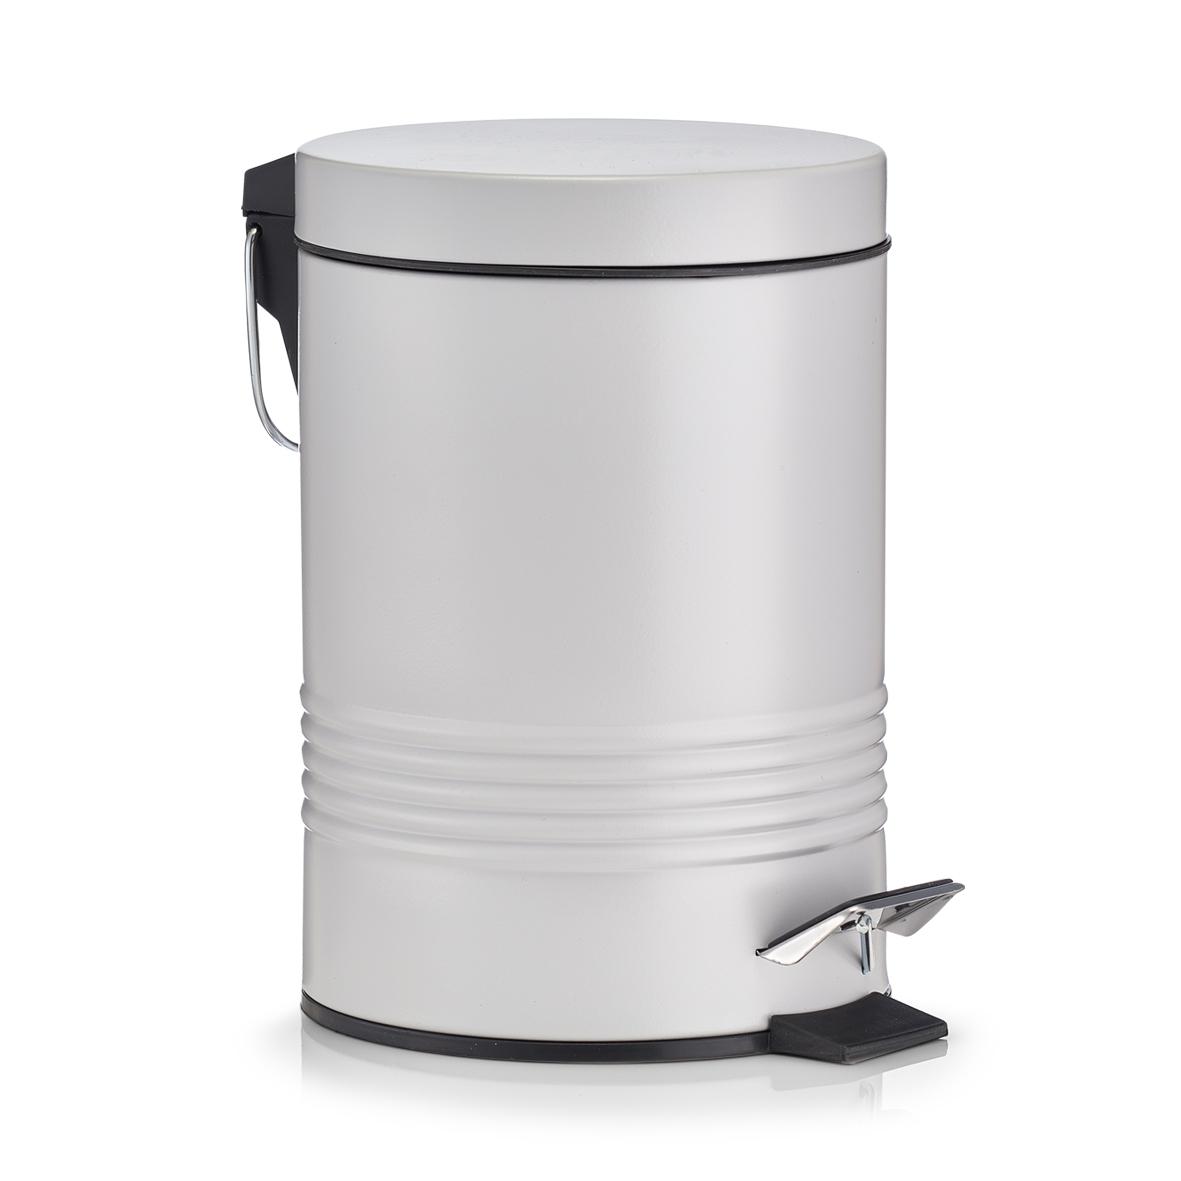 Cos de gunoi cu pedala pentru baie, Grey, 3L poza